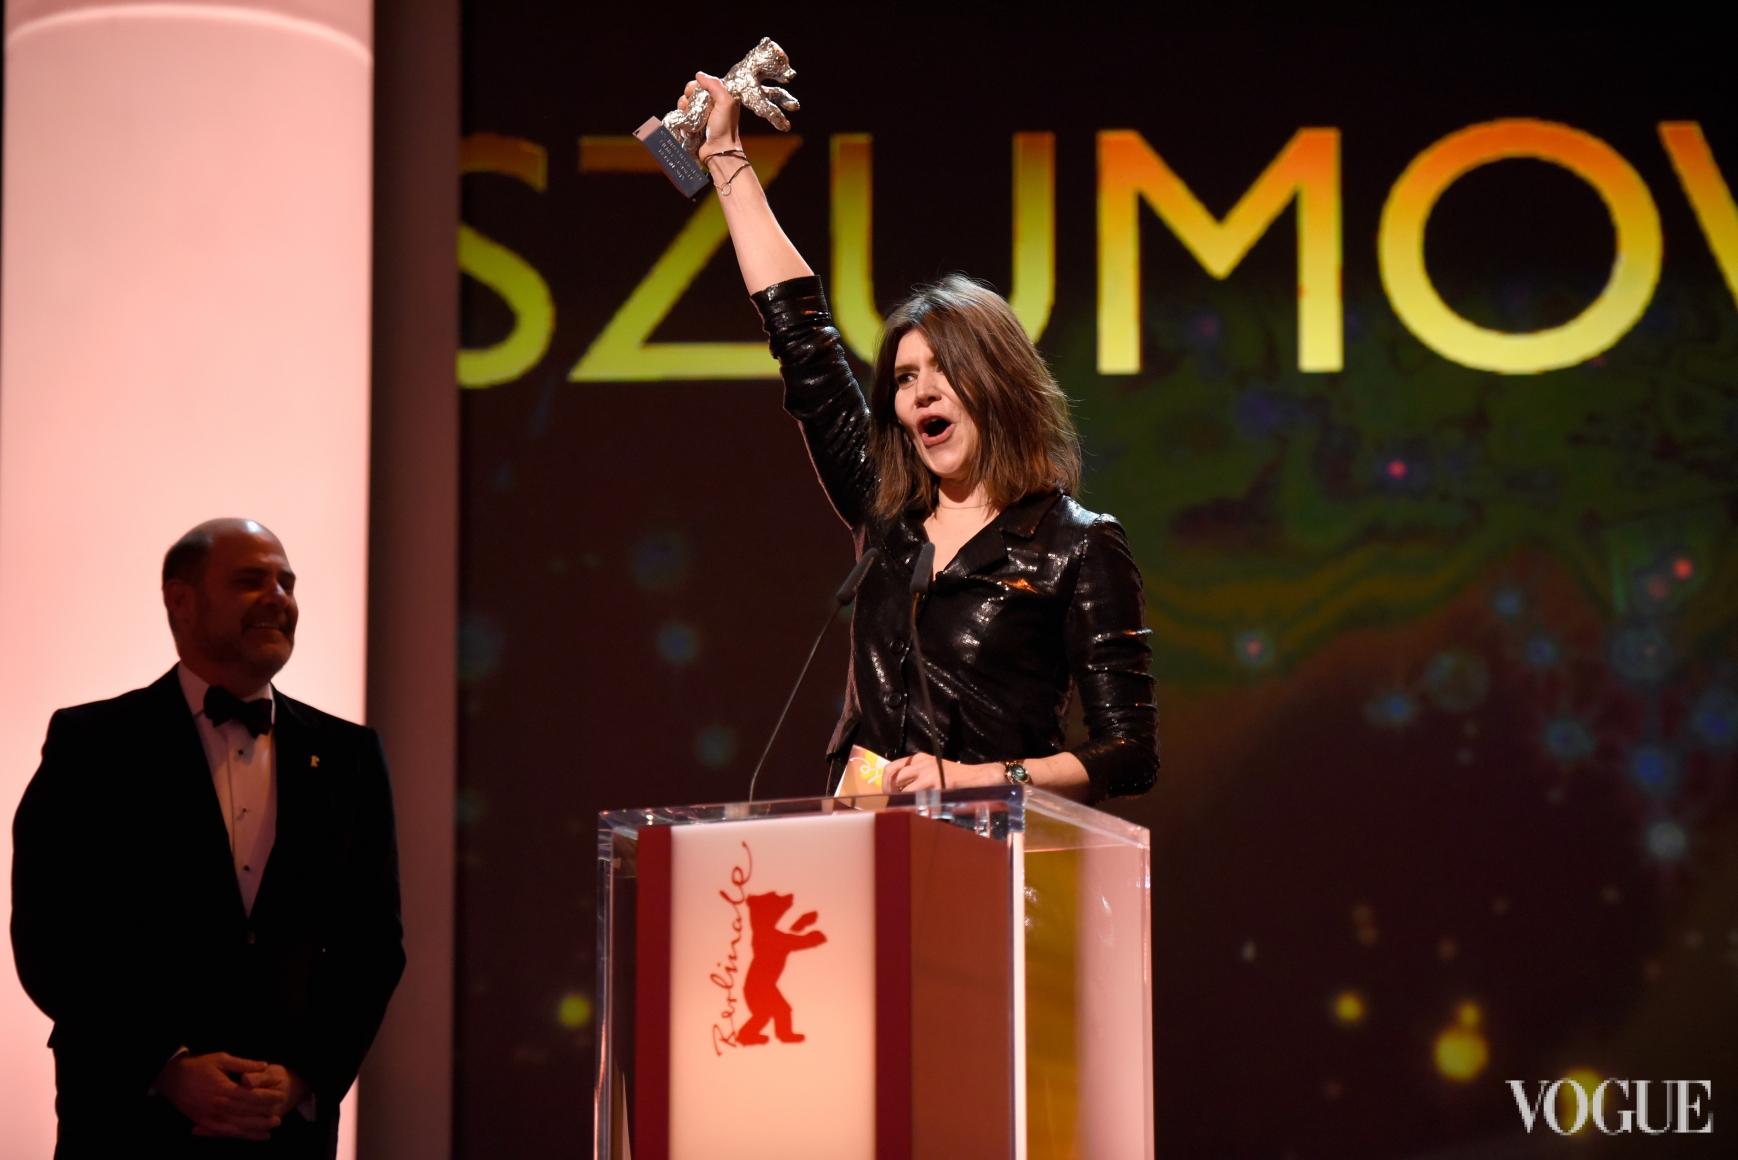 Малгожата Шумовская получает приз за лучшую режиссуру